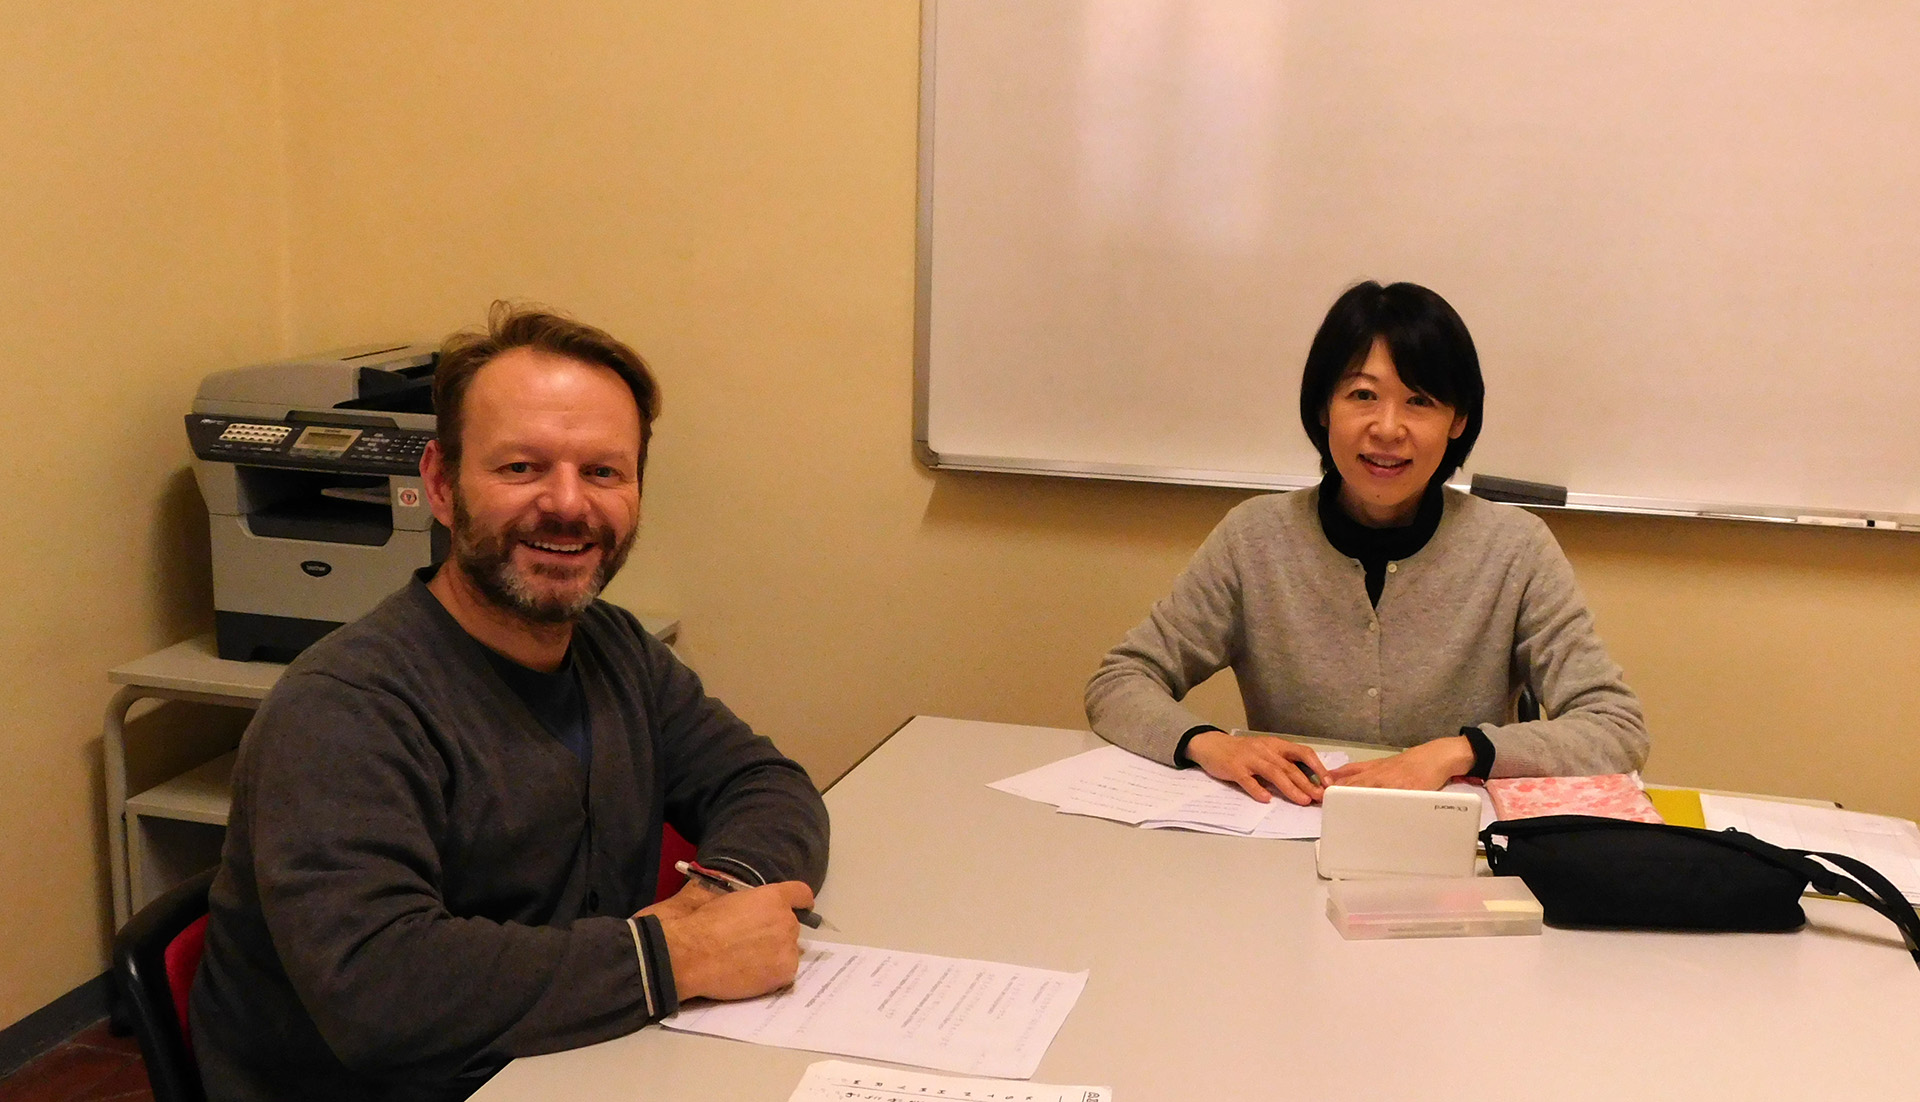 Corso di giapponese a Firenze con la scuola Parola